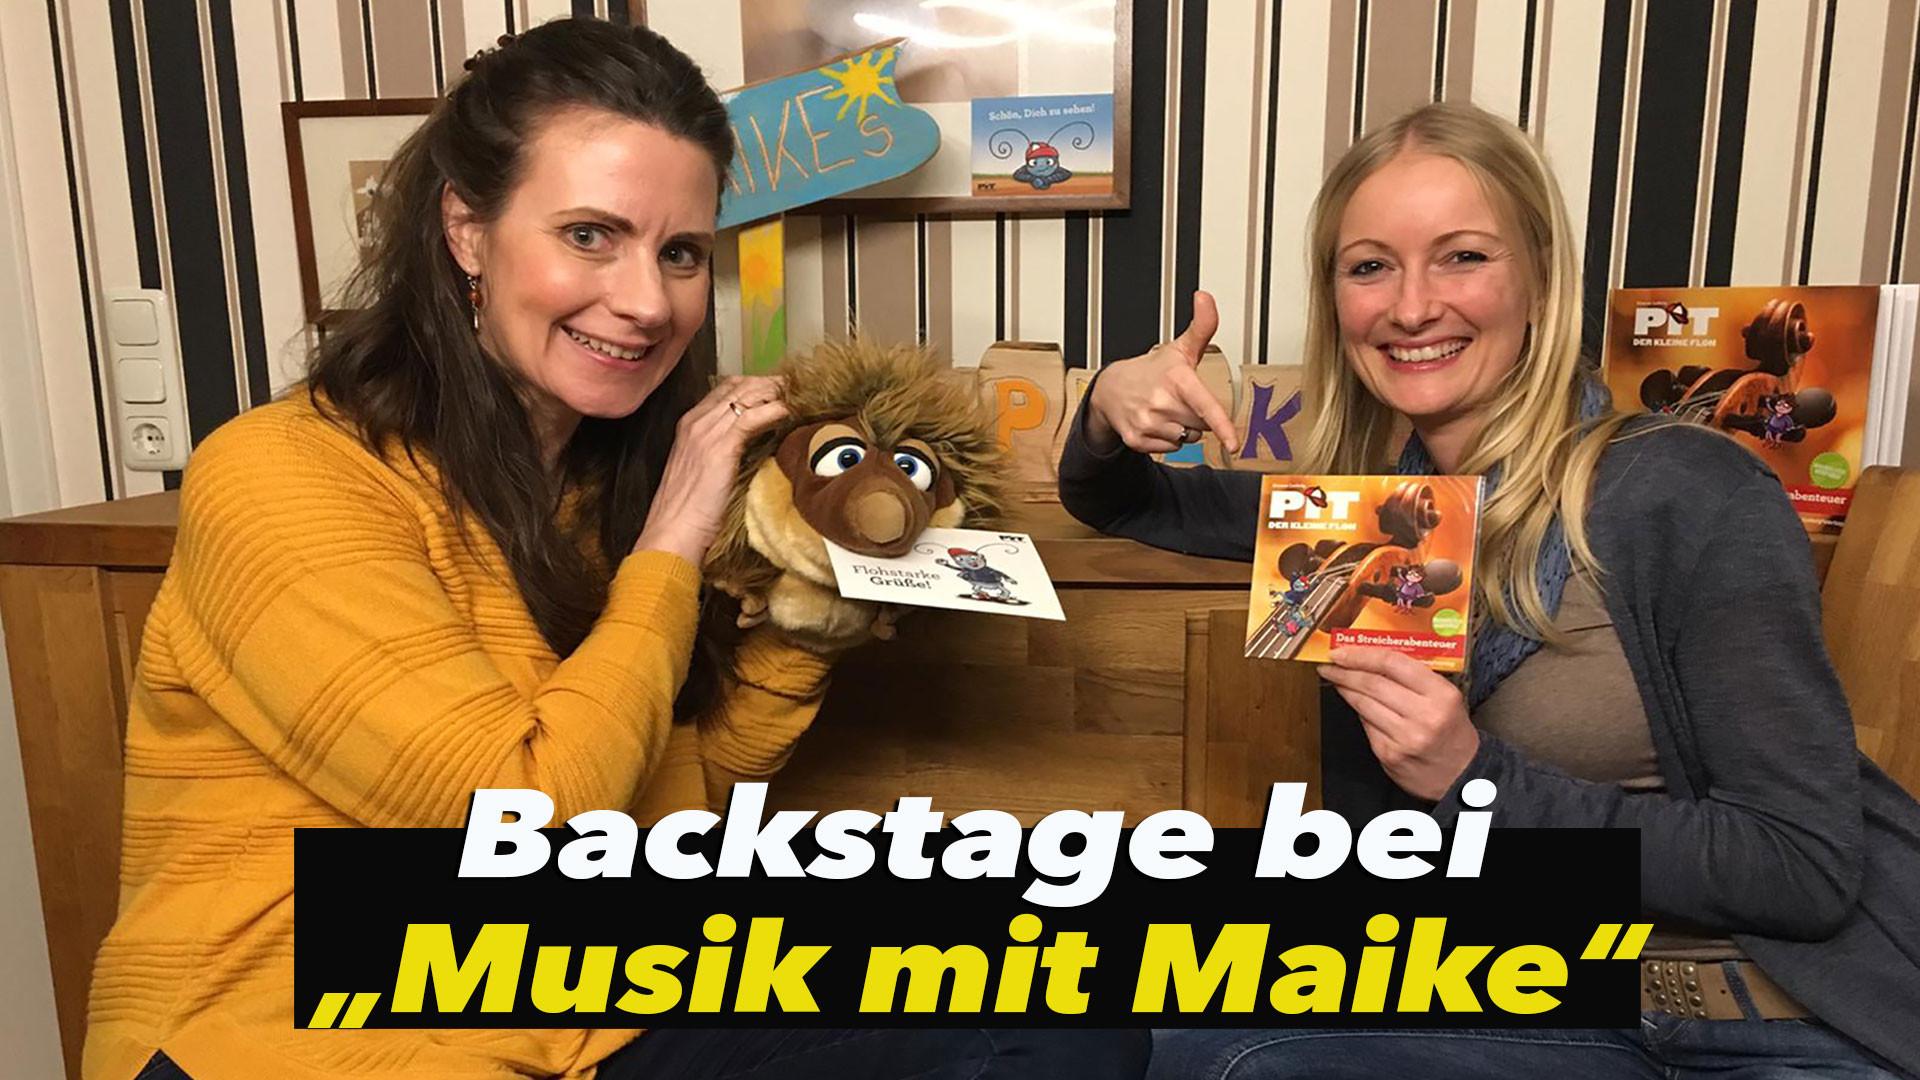 """*Floh im Ohr TV* zu Besuch bei """"Musik mit Maike"""" - Backstage"""